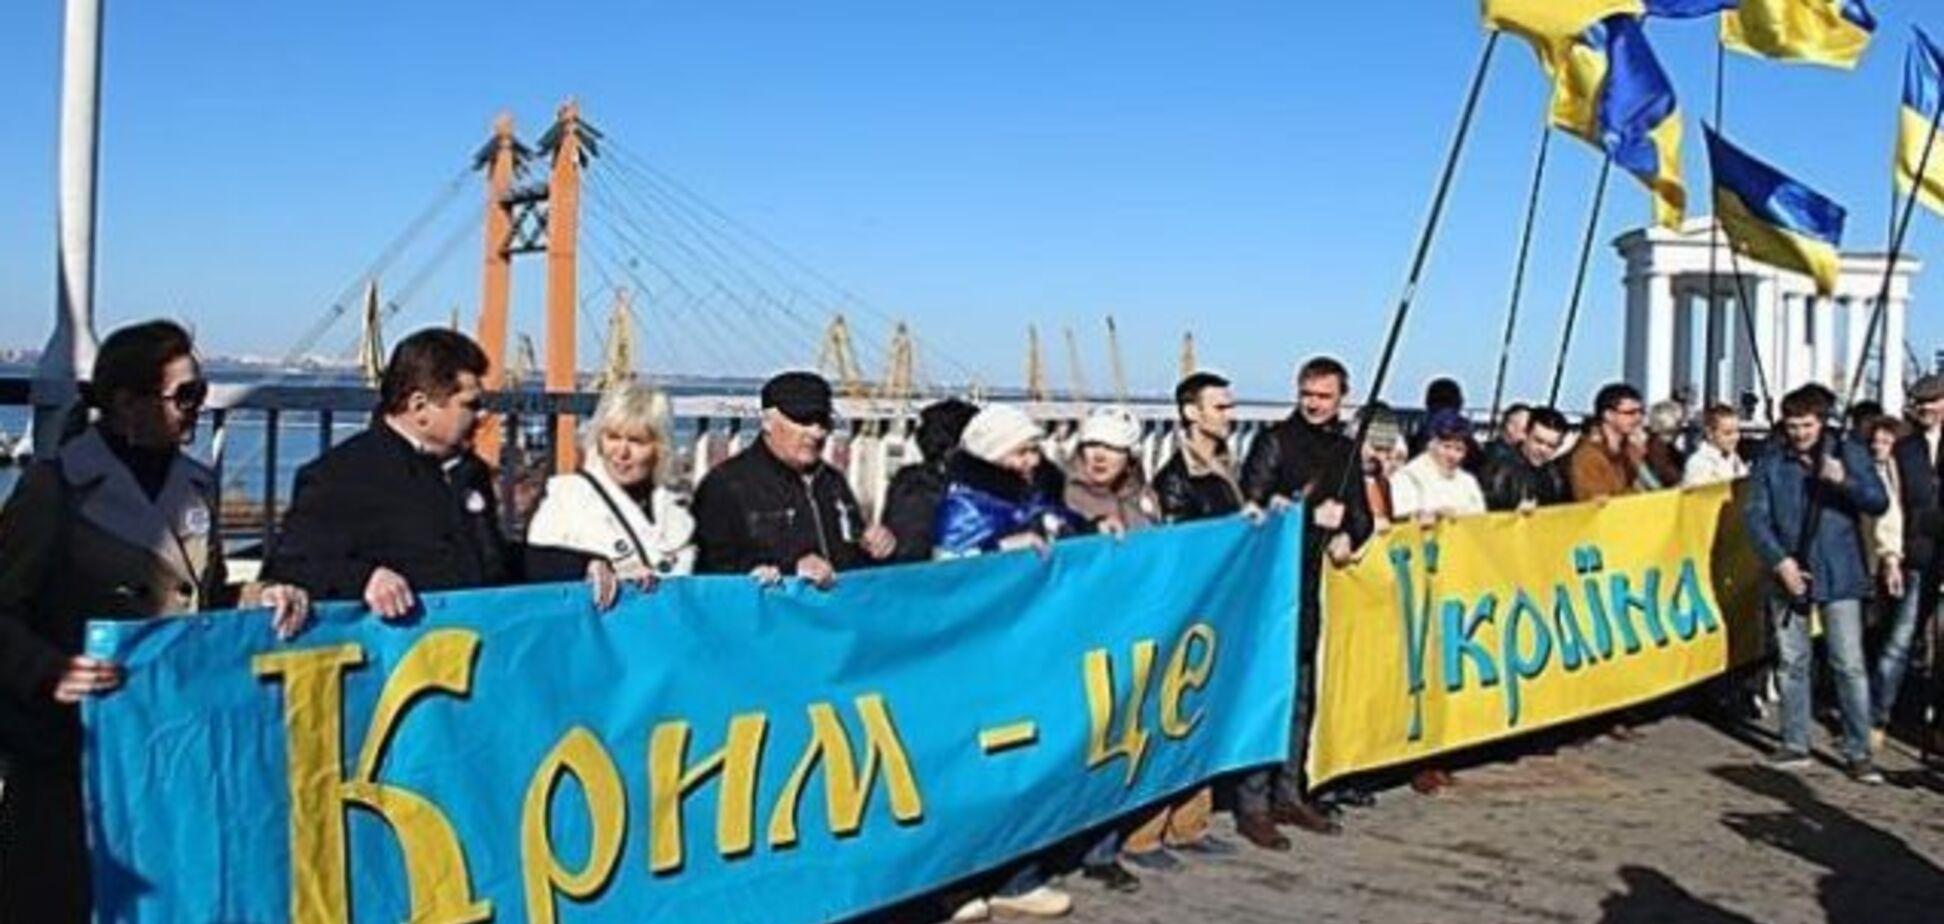 'Деоккупация началась!' Появилась победная информация из Крыма